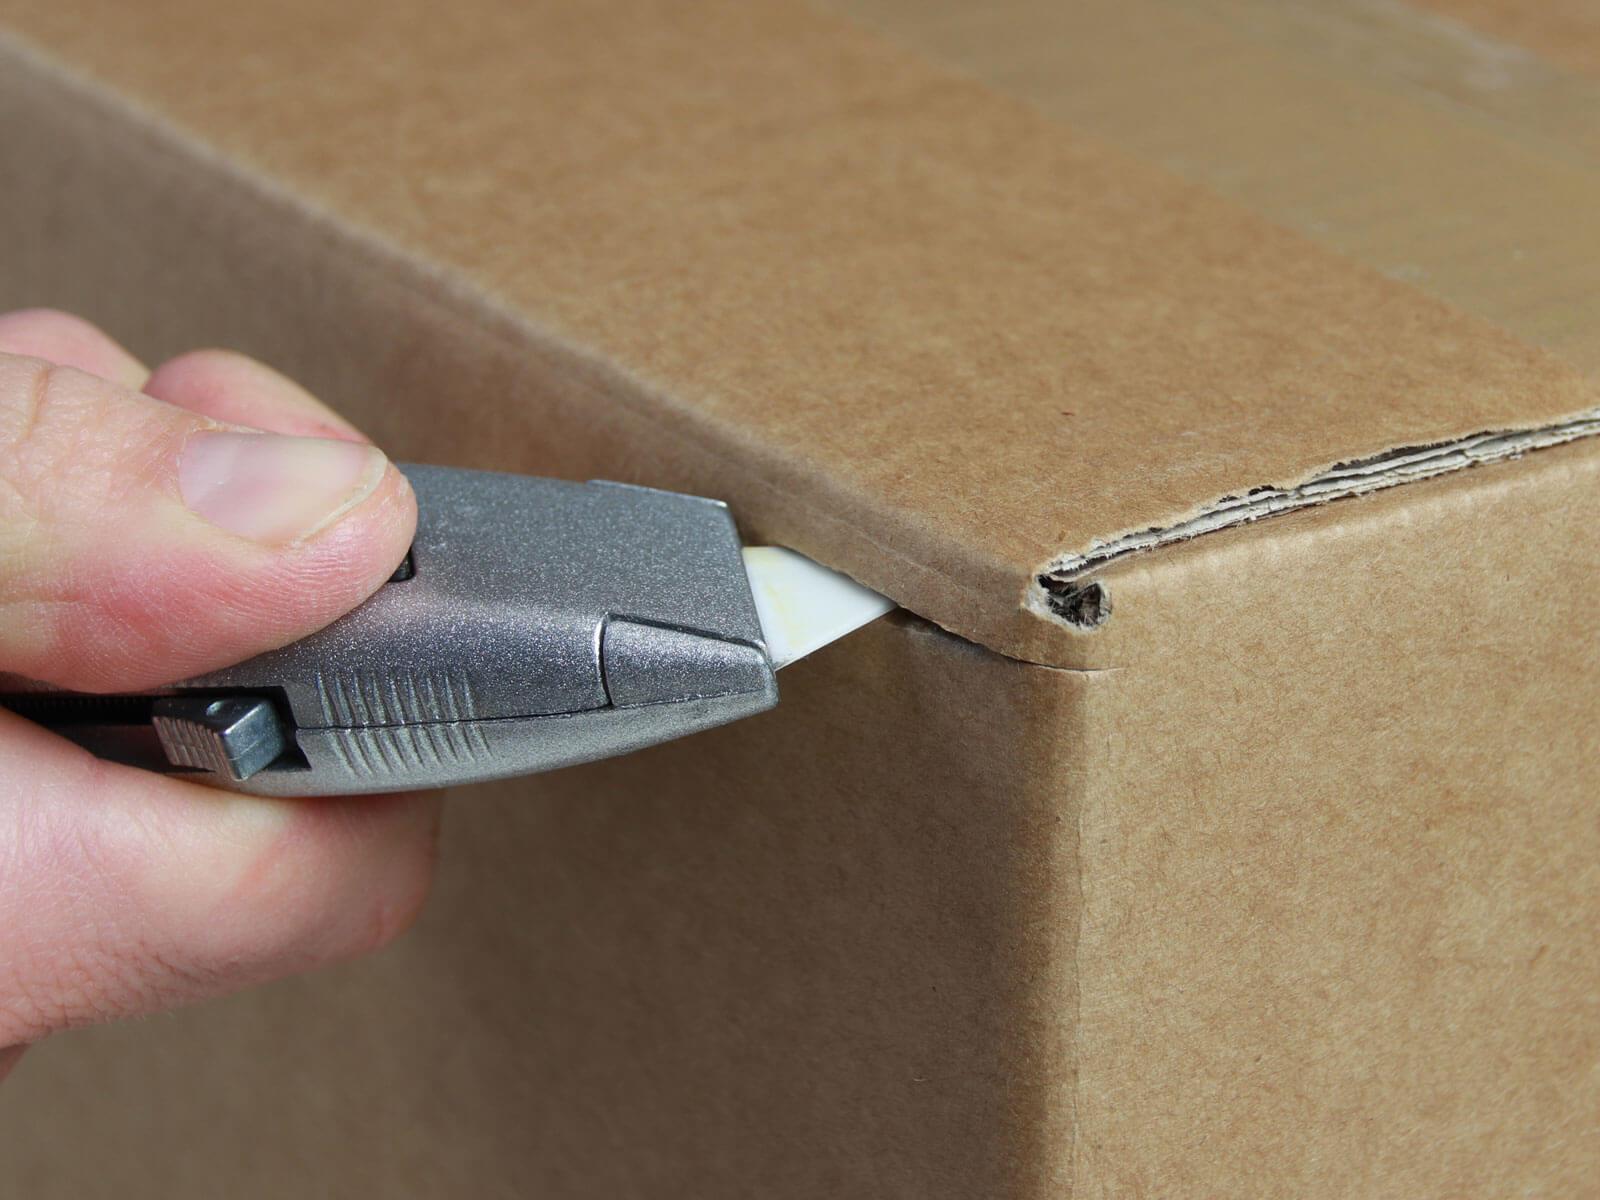 U014K Keramik Sicherheitsmesser automatischer Klingenrückzug Karton schneiden abdeckeln CURT-tools